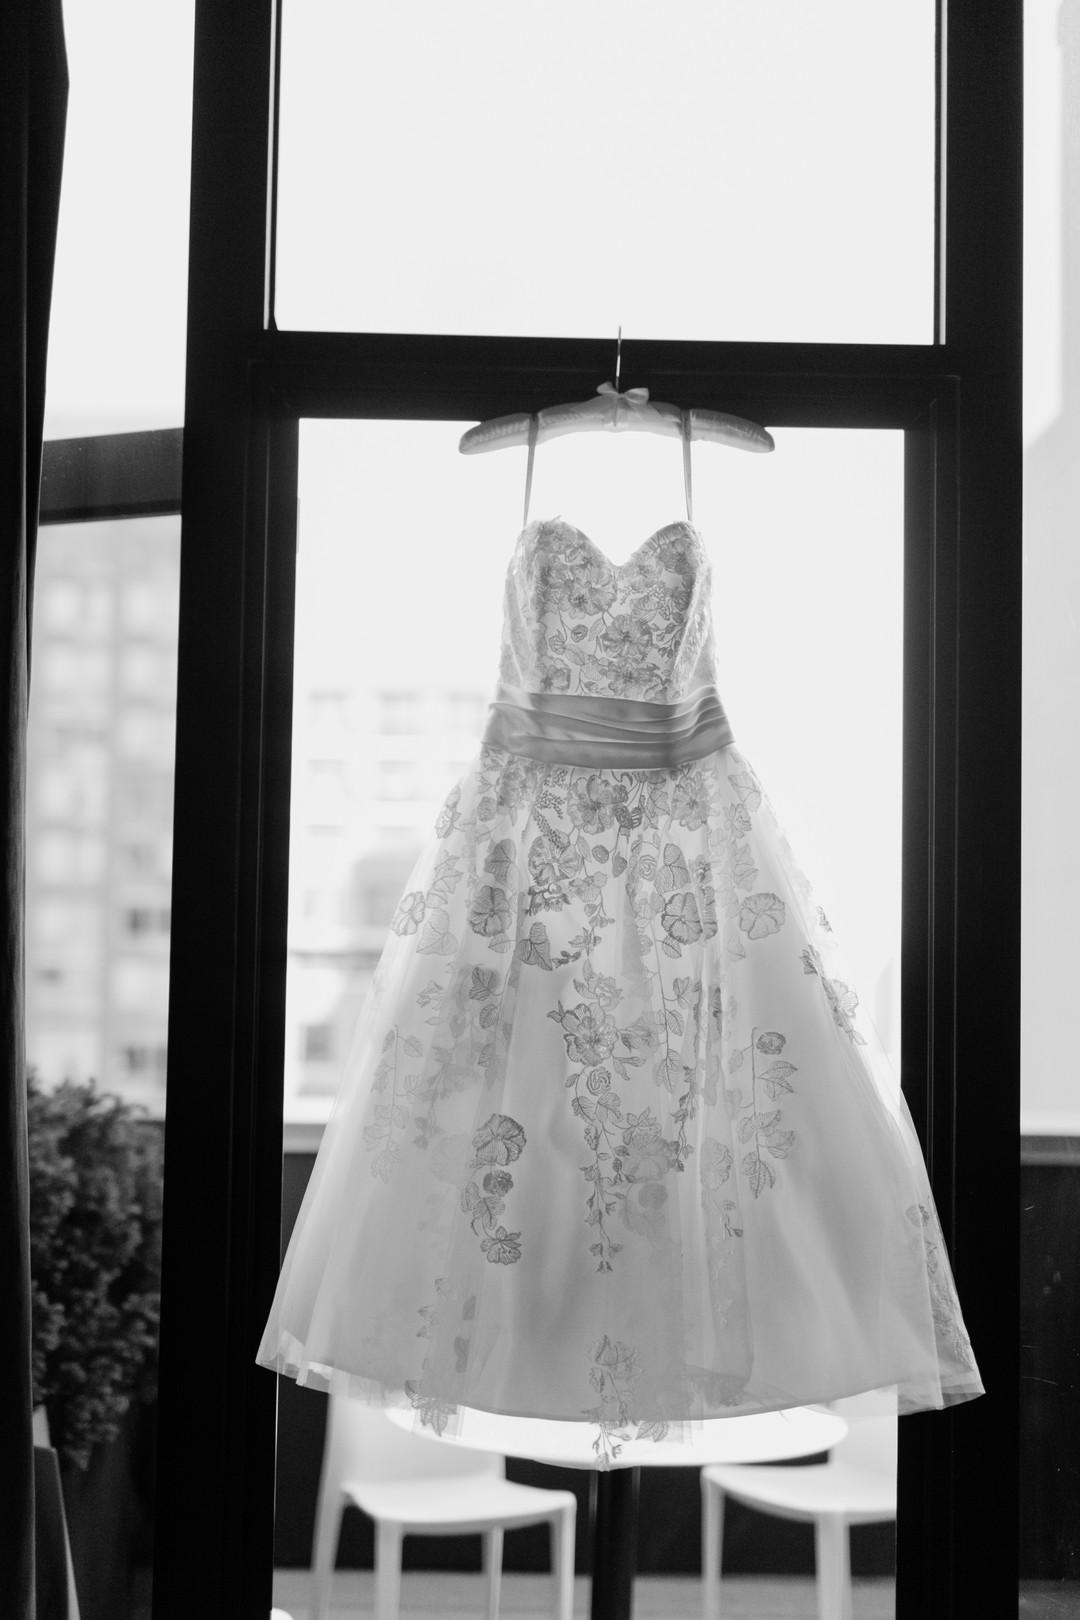 Woolard_Callegari_CaseyFatchettPhotography_publicrestaurantwedding8_big.jpg